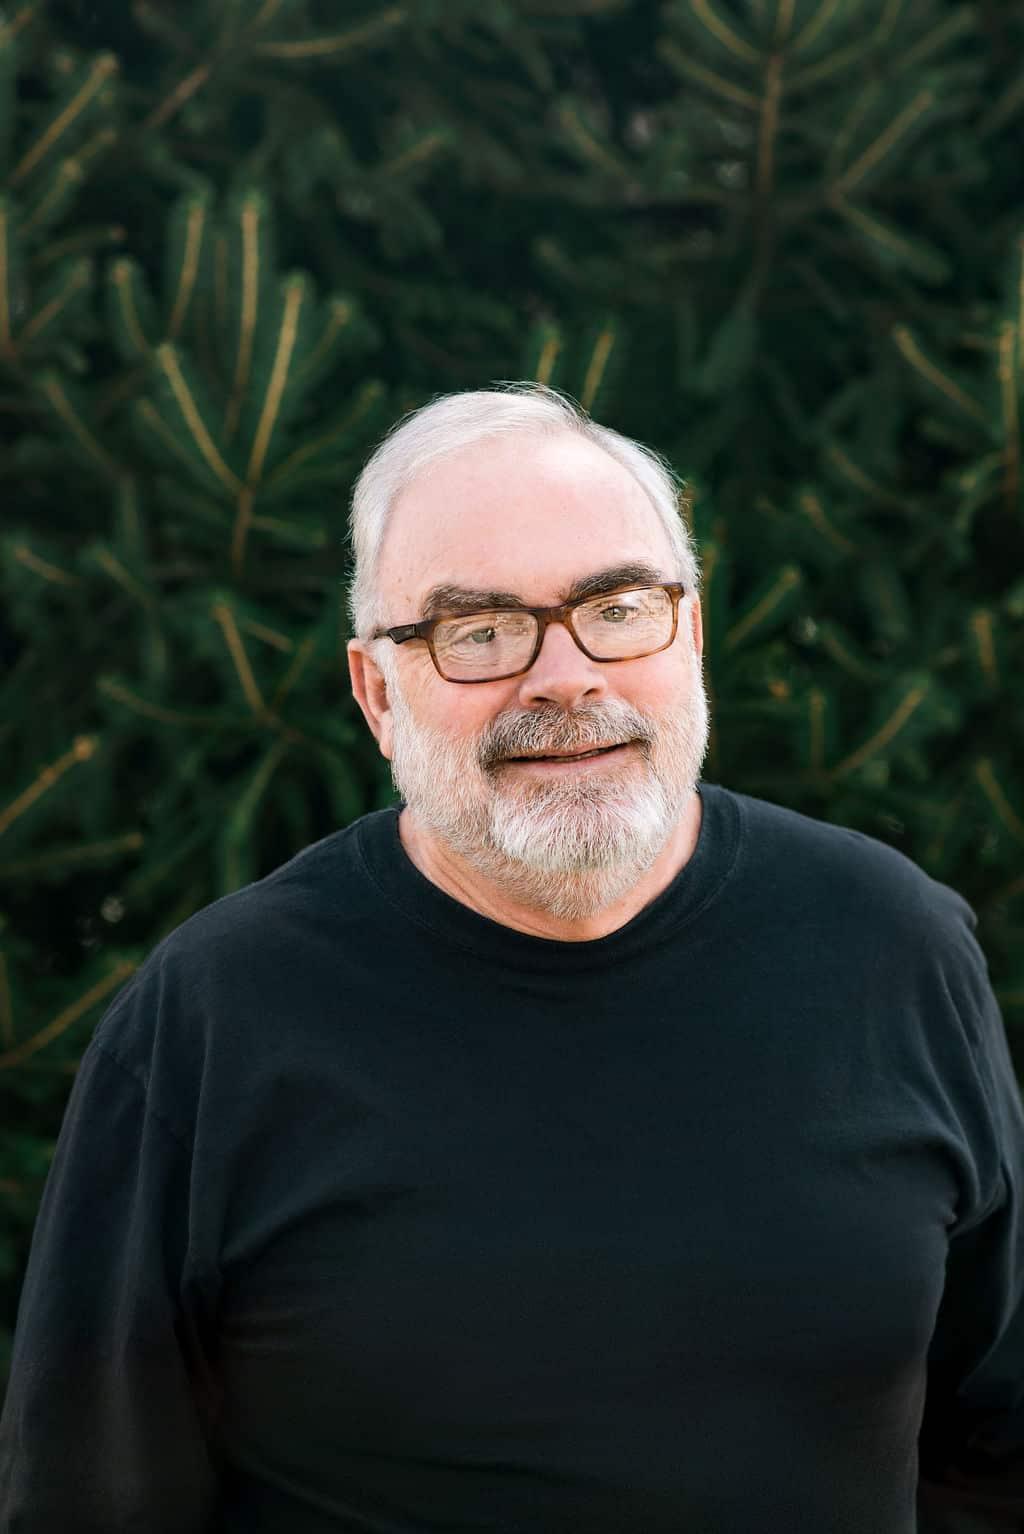 Jim Hester